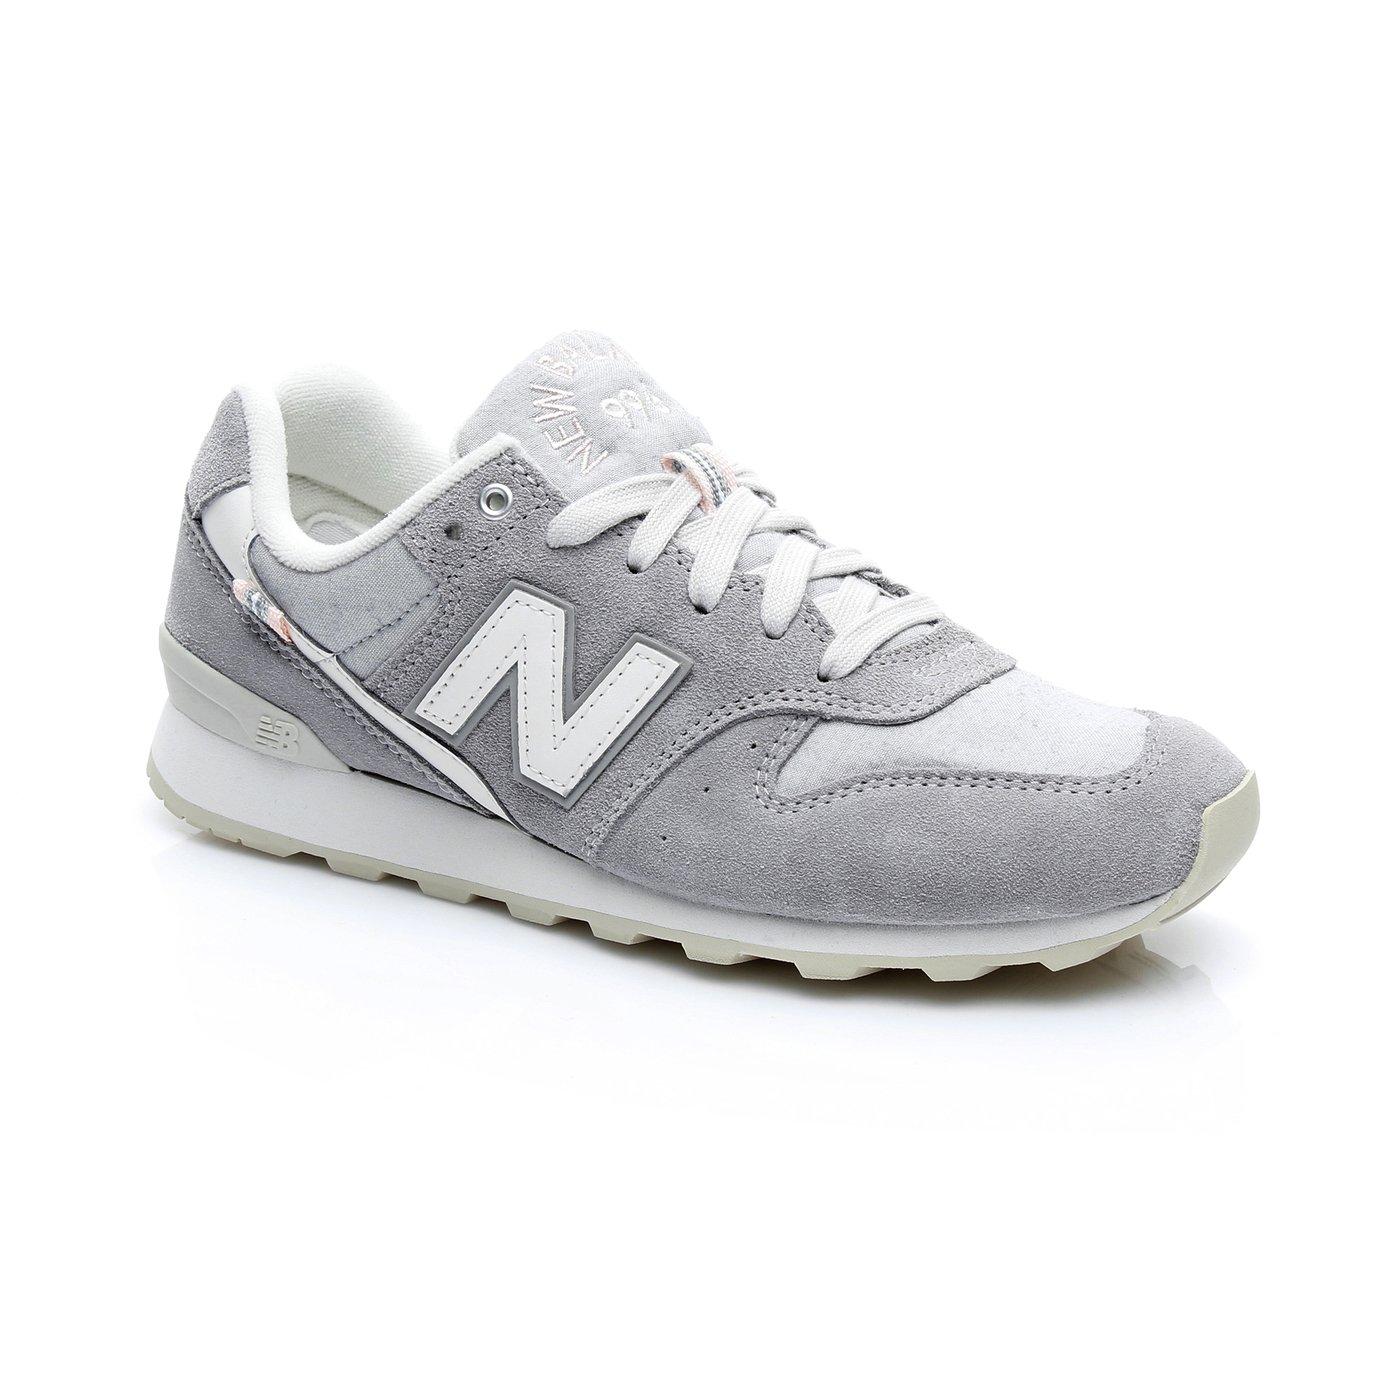 New Balance 996 Kadın Gri Spor Ayakkabı